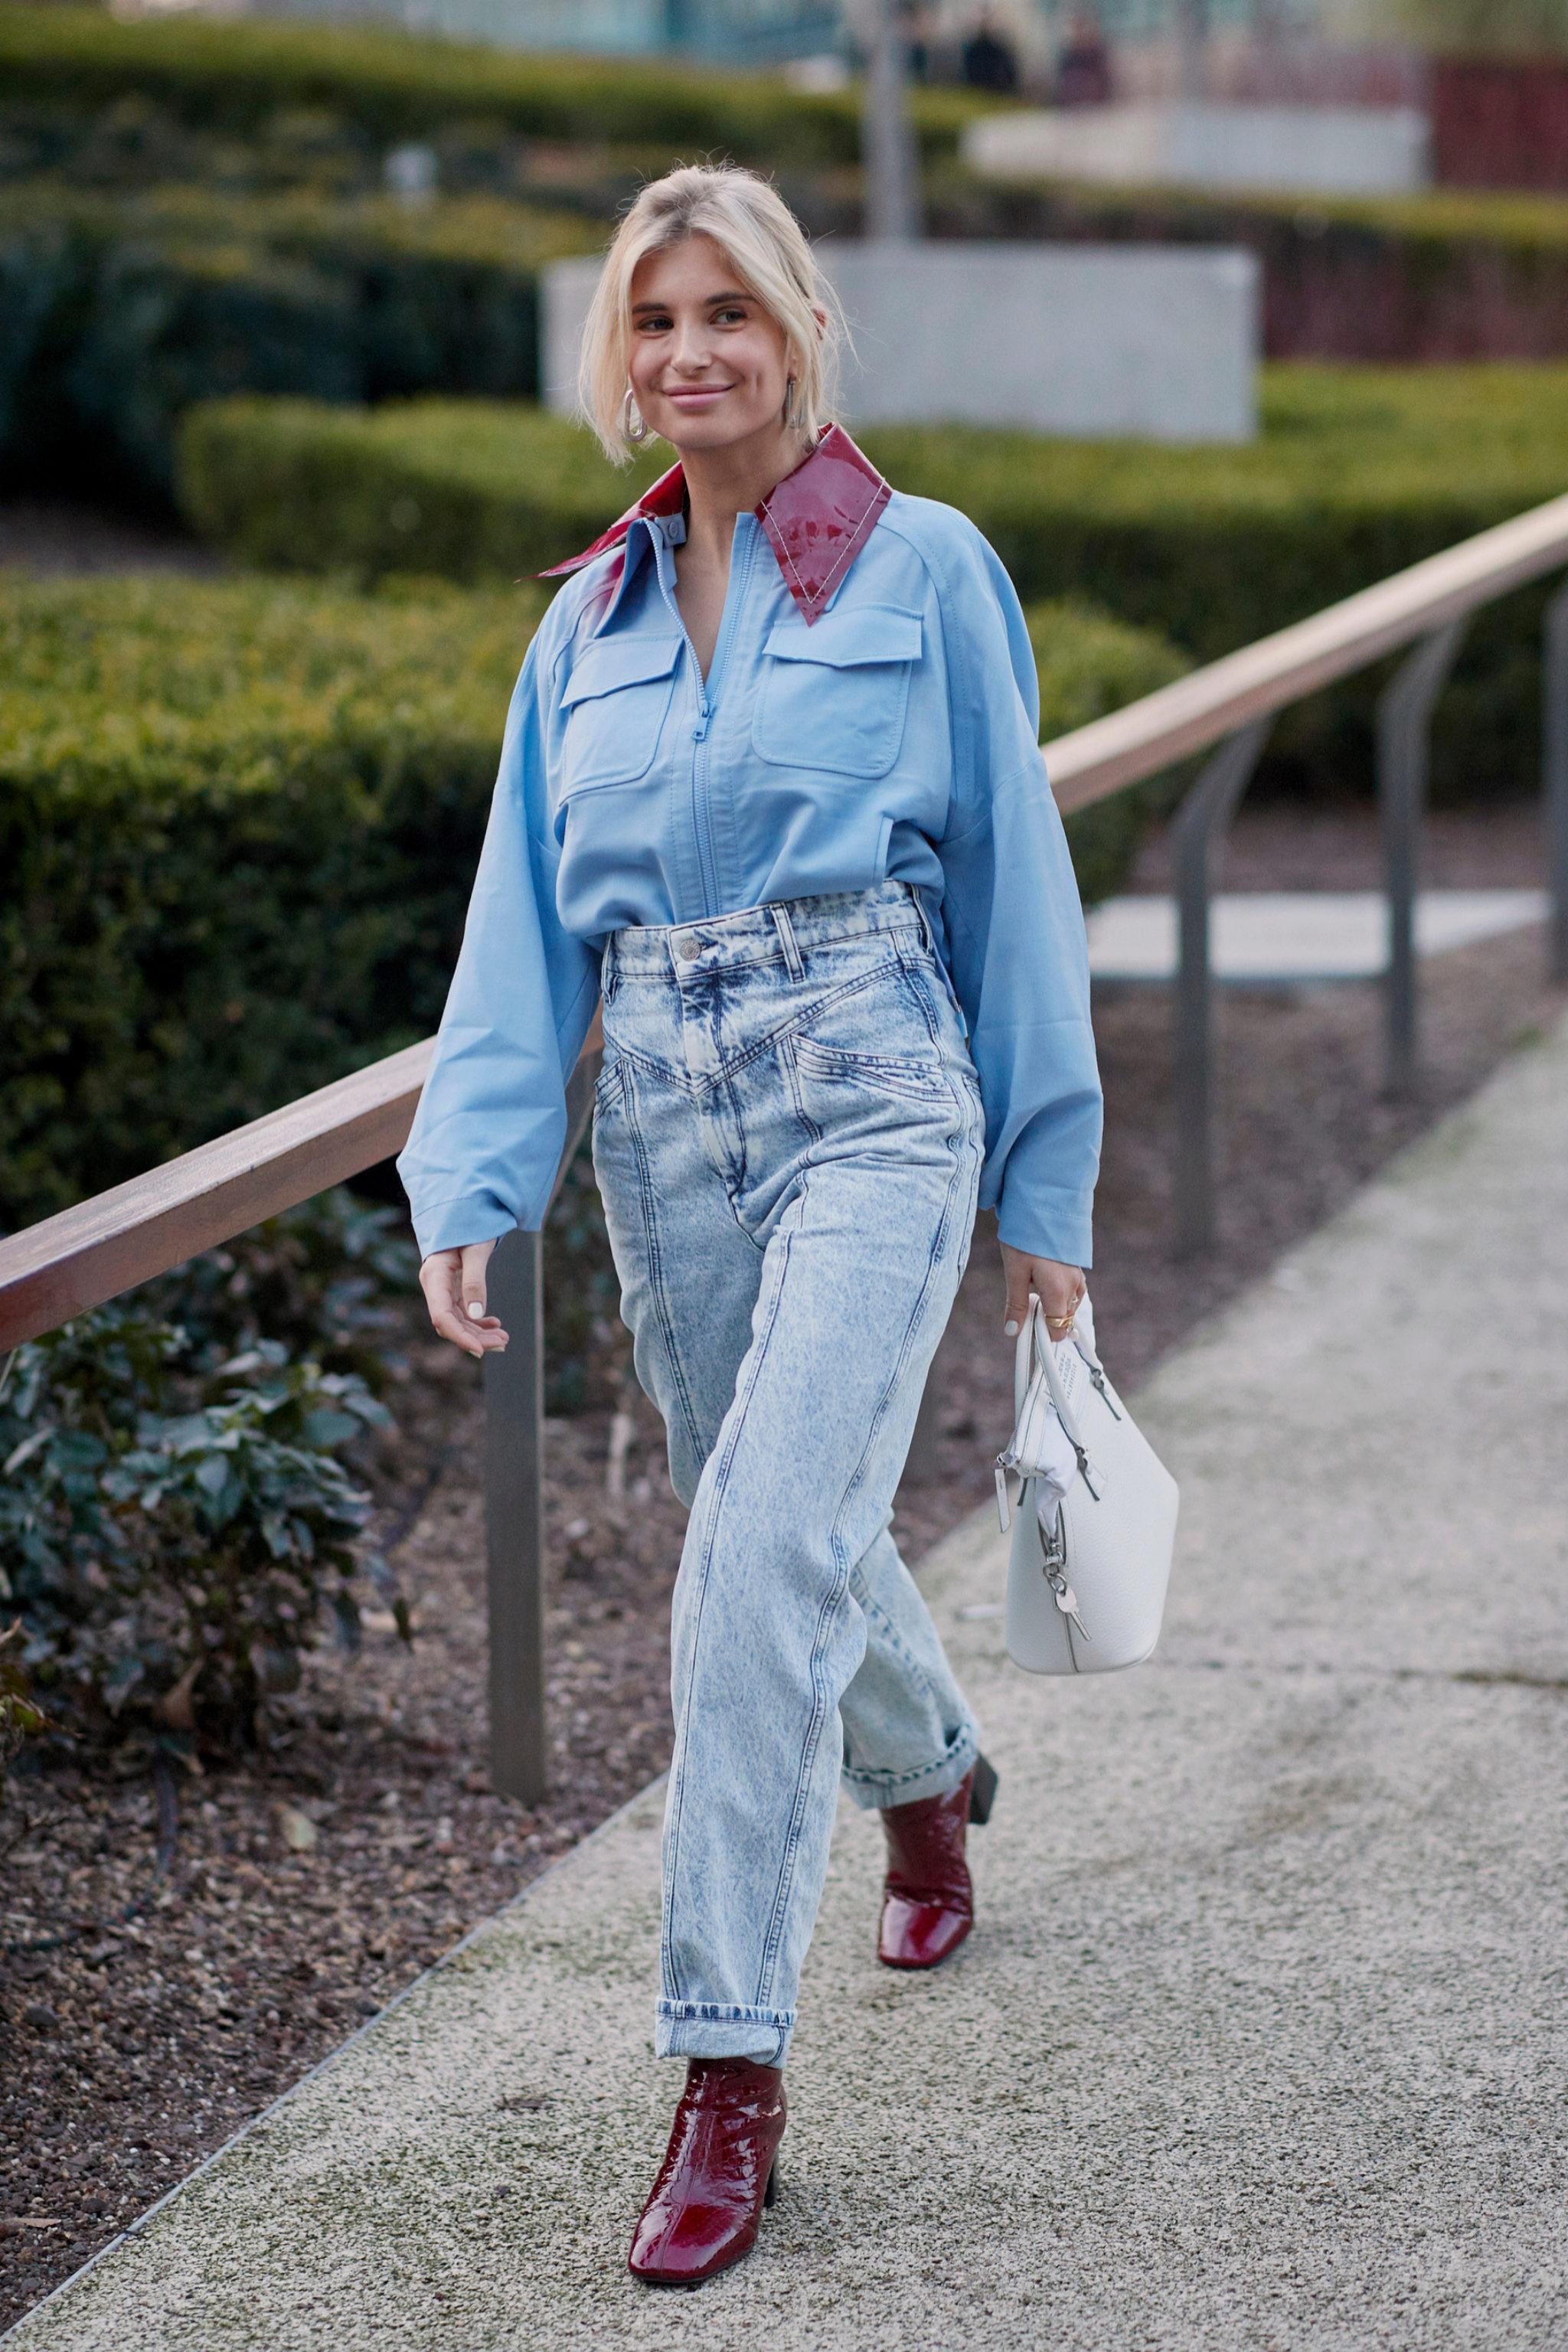 El 'look' azul más sencillo: con camisa celeste y unos vaqueros